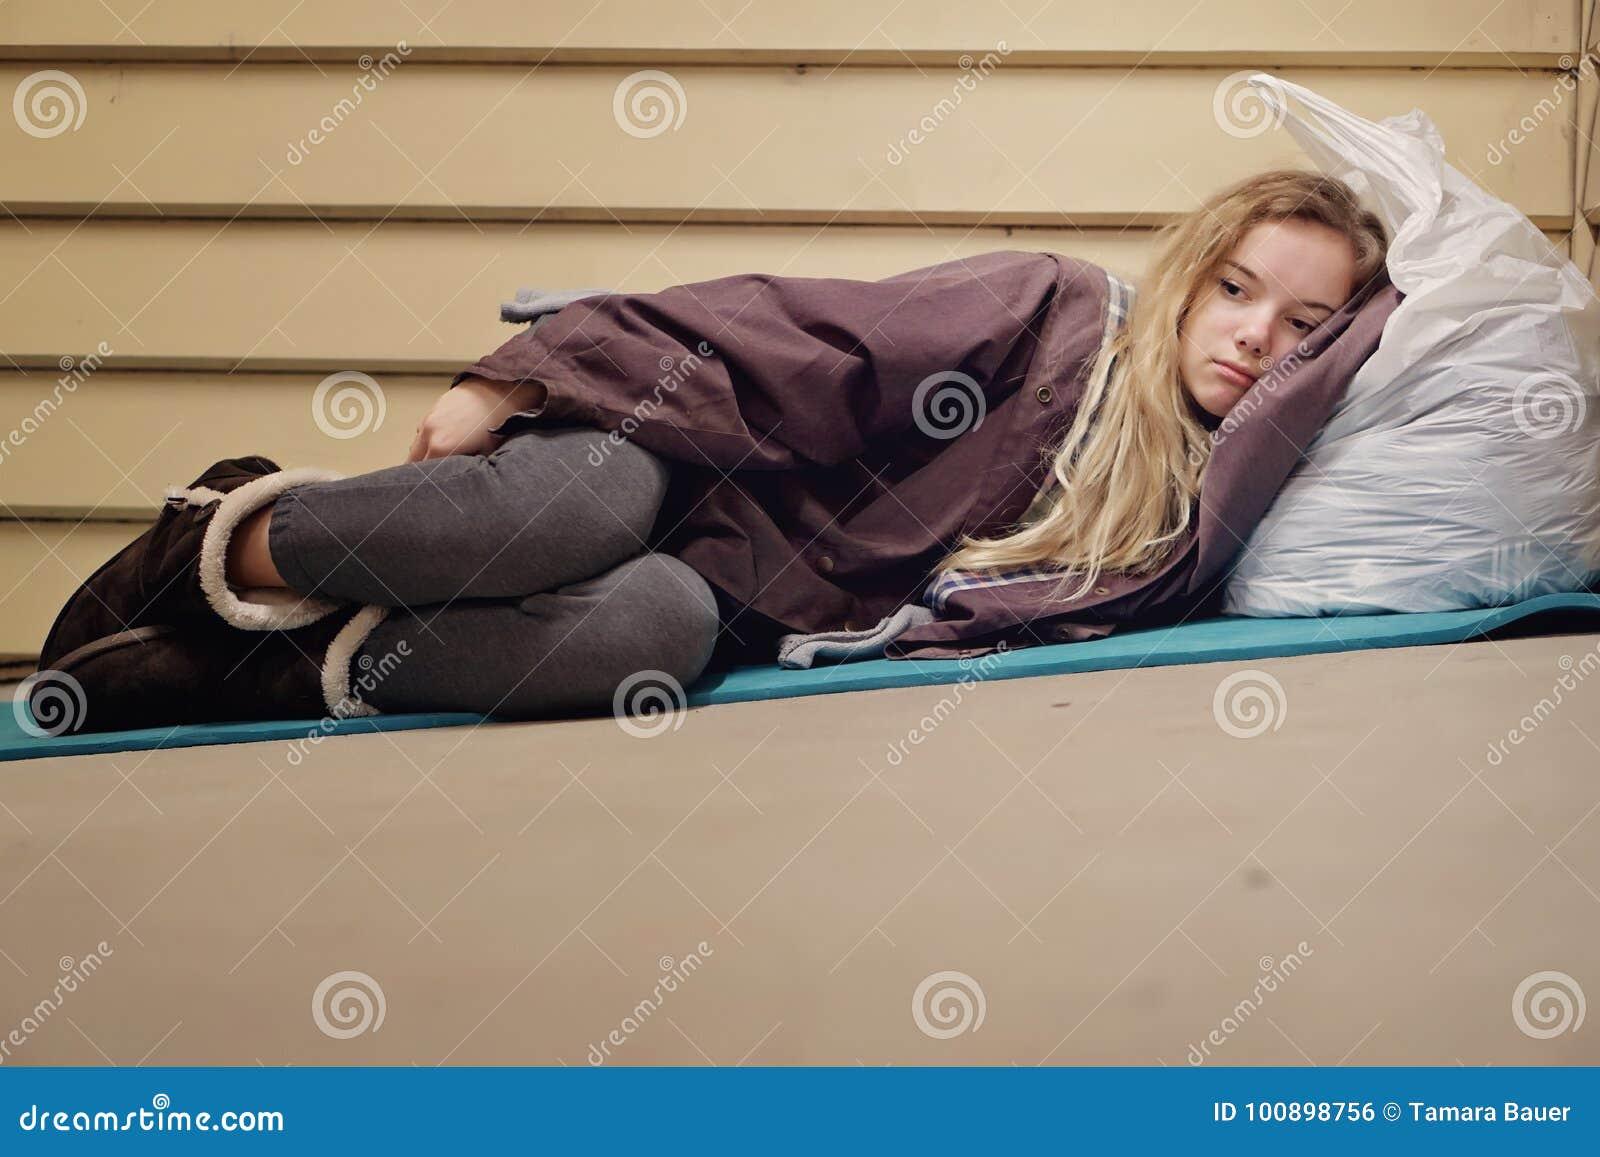 Obdachloser nehmender Schutz des jungen jugendlich